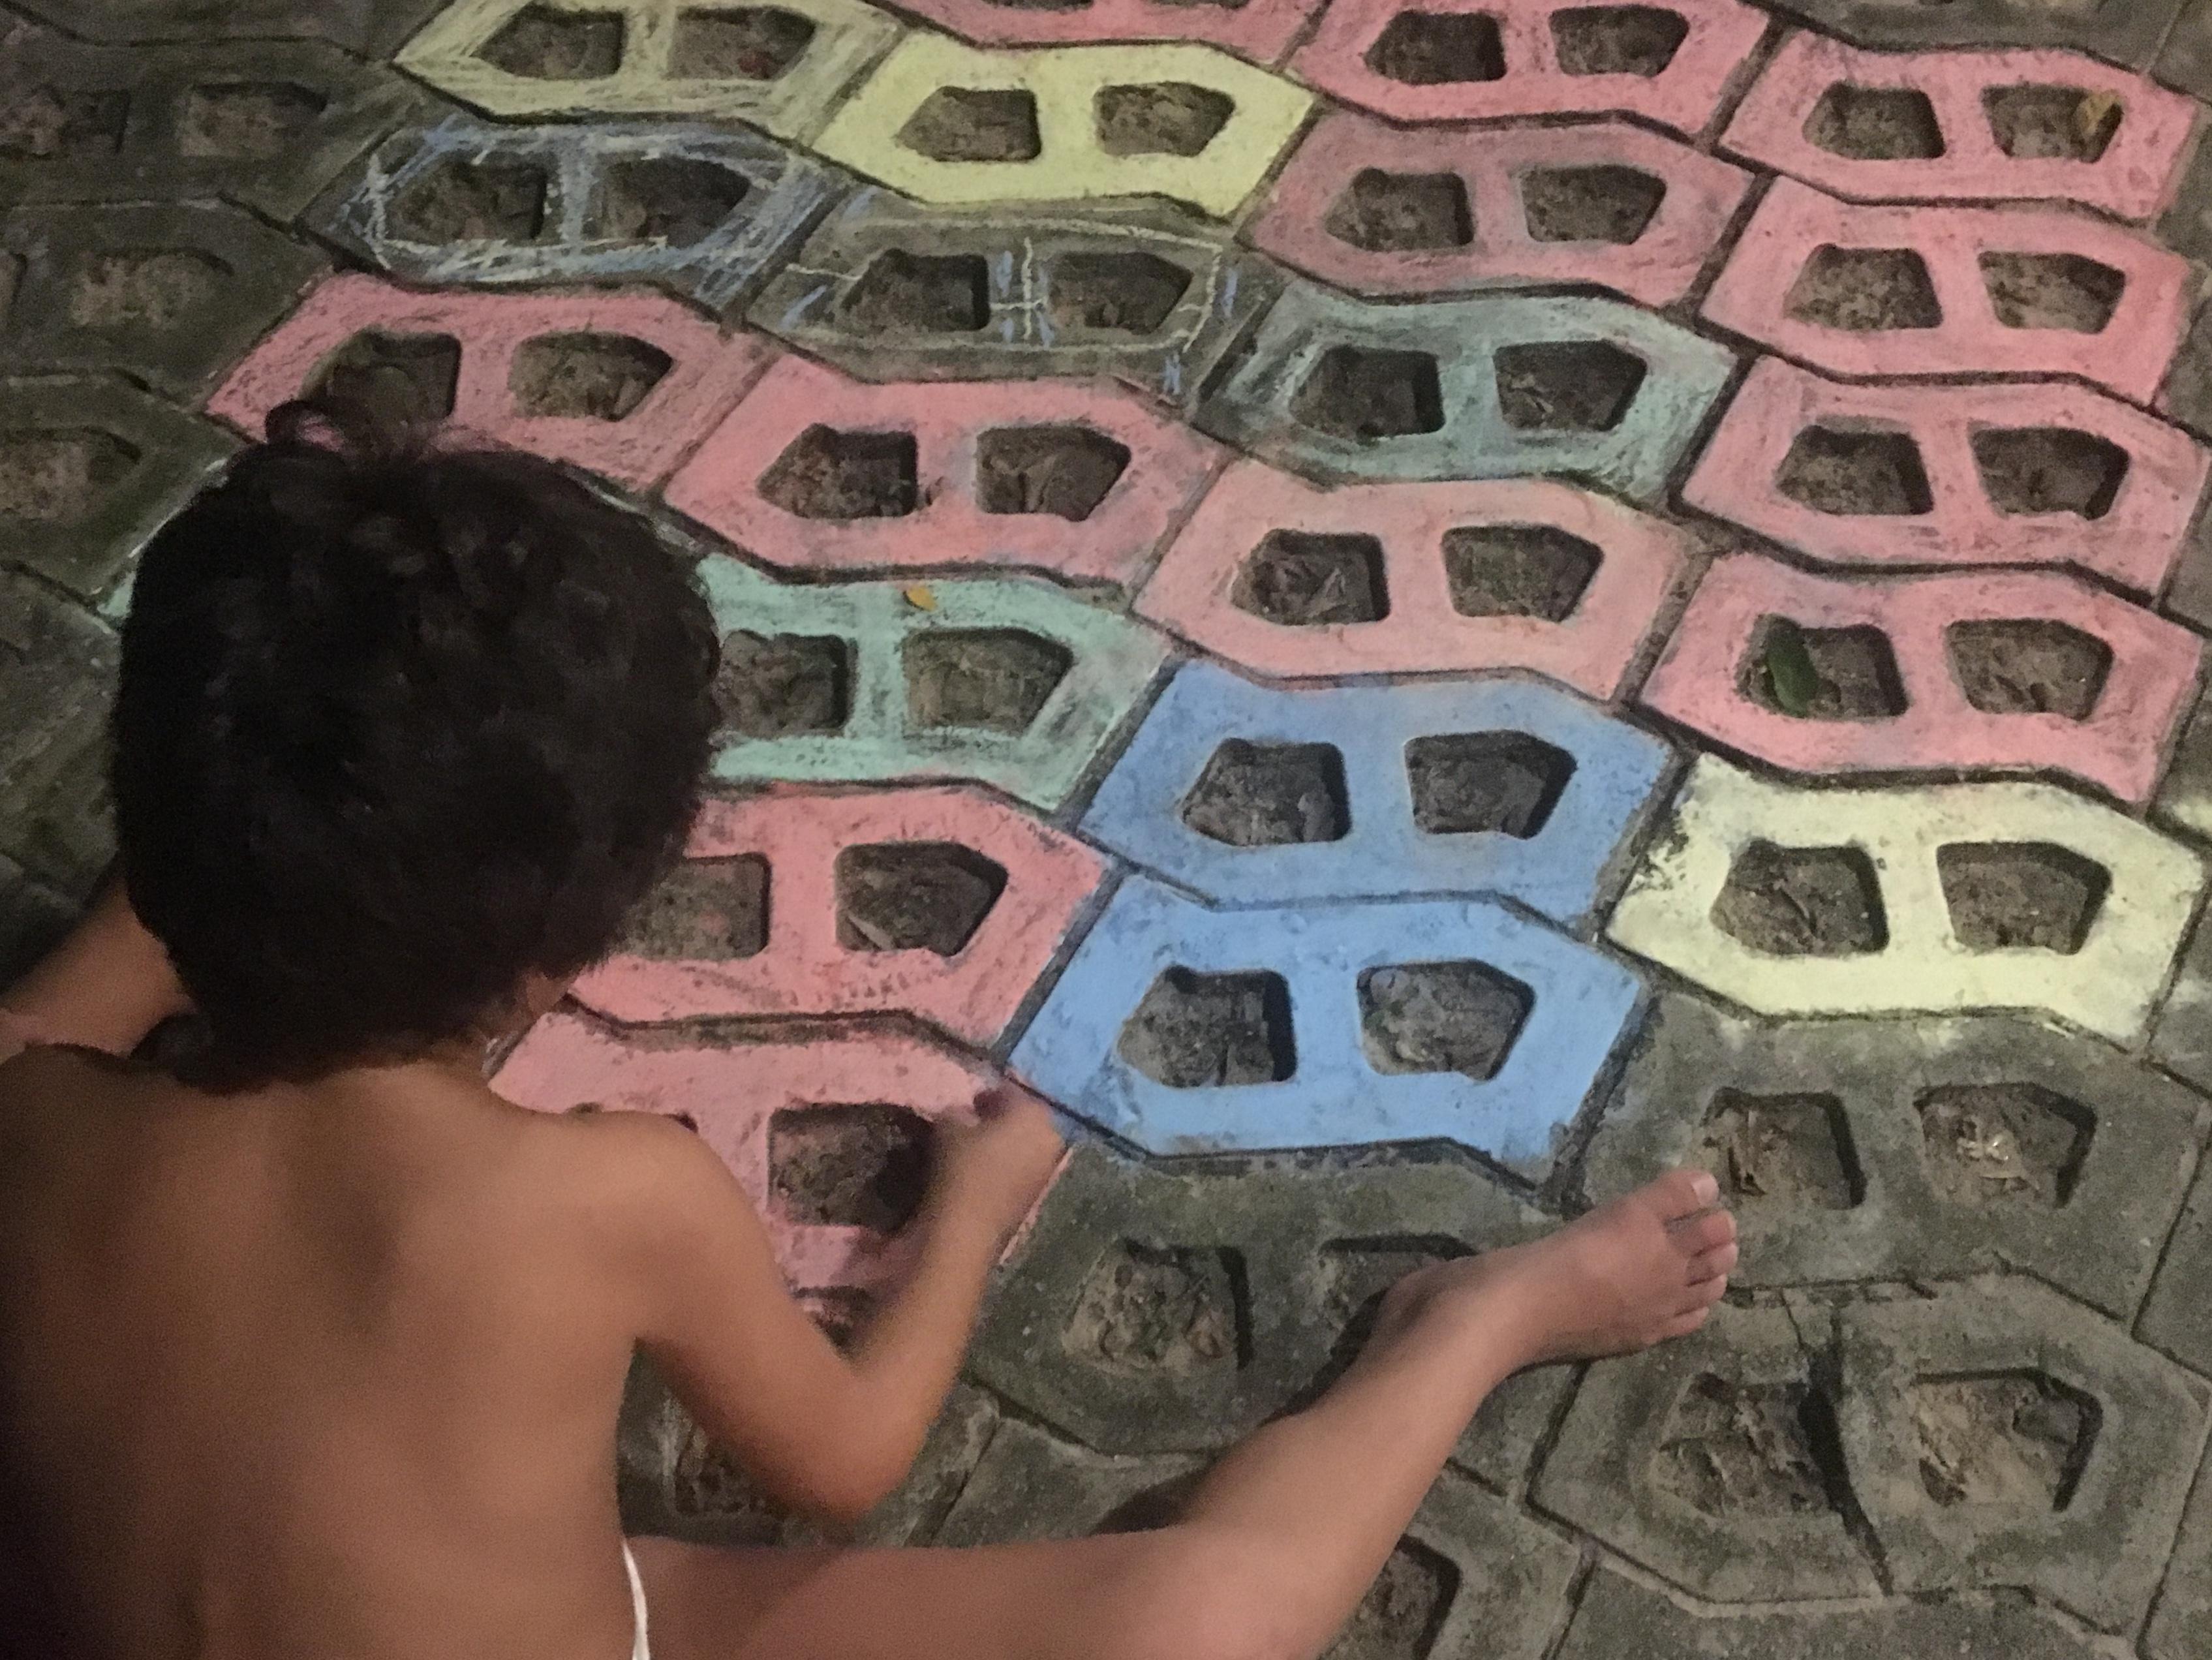 artes-e-autismos-na-pauta-de-seminario-e-troca-de-experiencias-para-artistas-pesquisadores-profissionais-estudantes-e-instituicoes